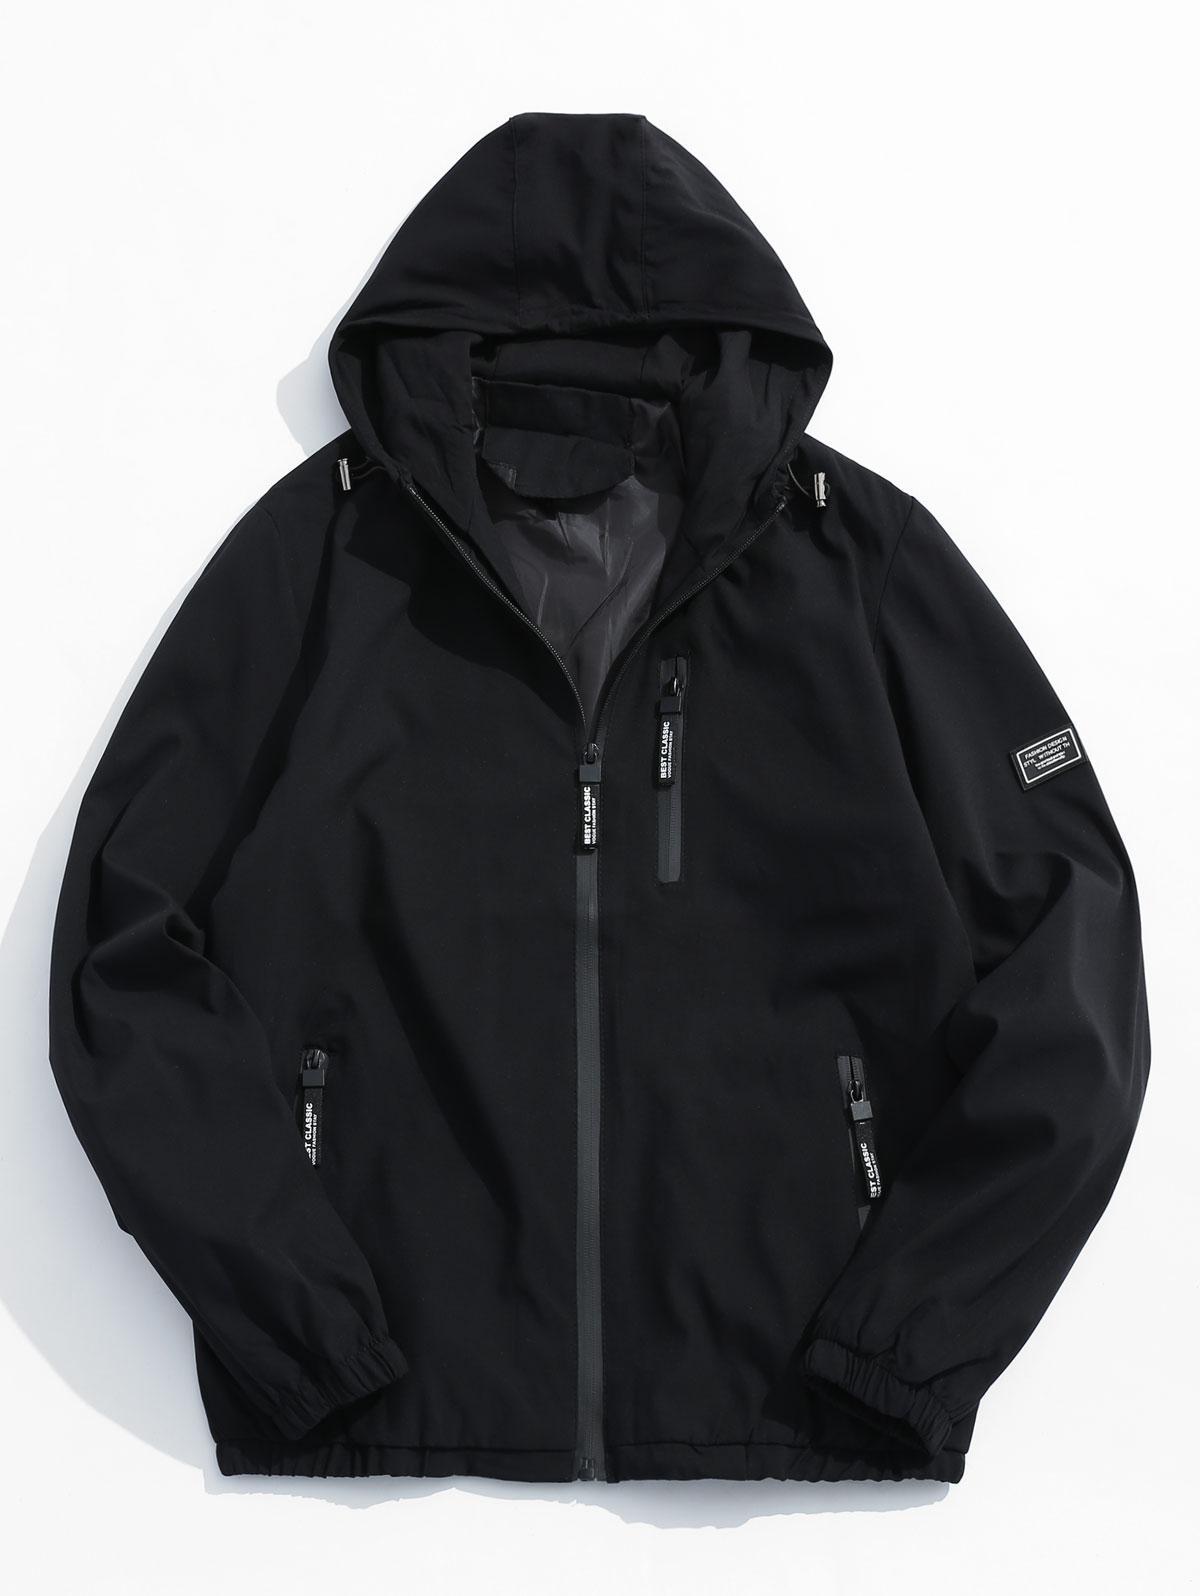 Applique Zip Up Hooded Jacket